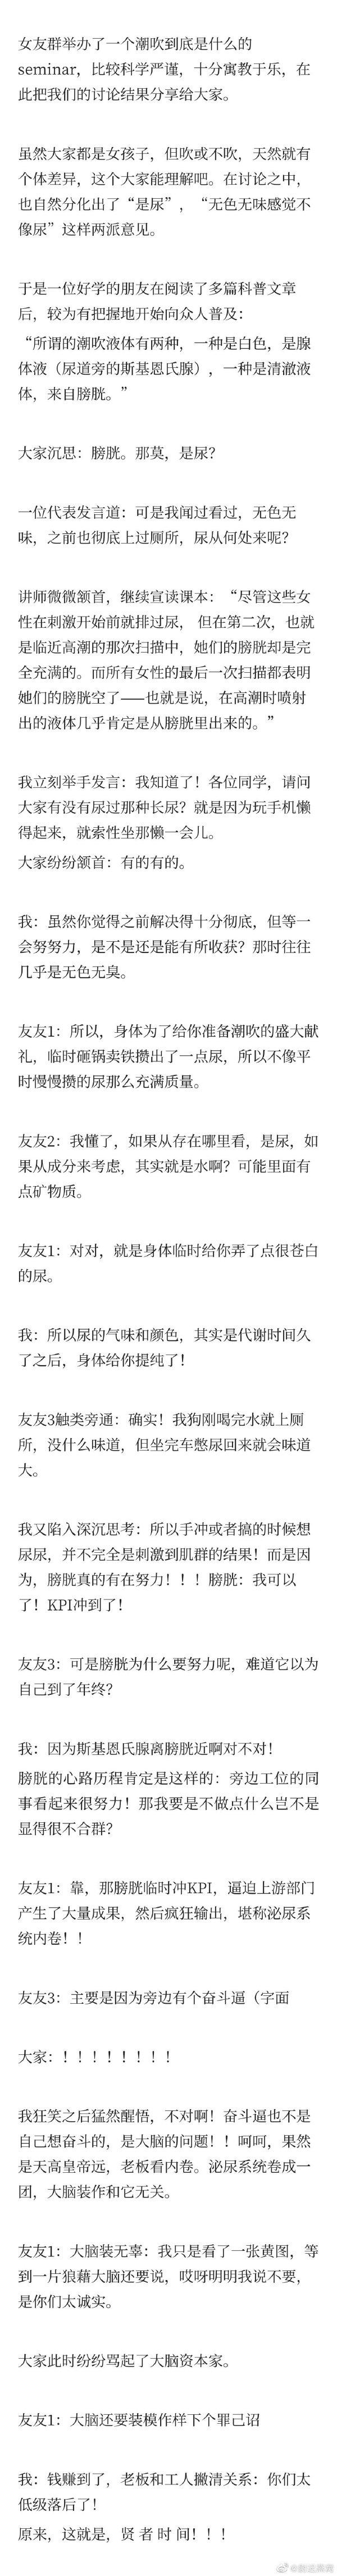 """2020日刊第127期:""""王千惠又叫老王""""一手资料是什么梗? liuliushe.net六六社 第5张"""